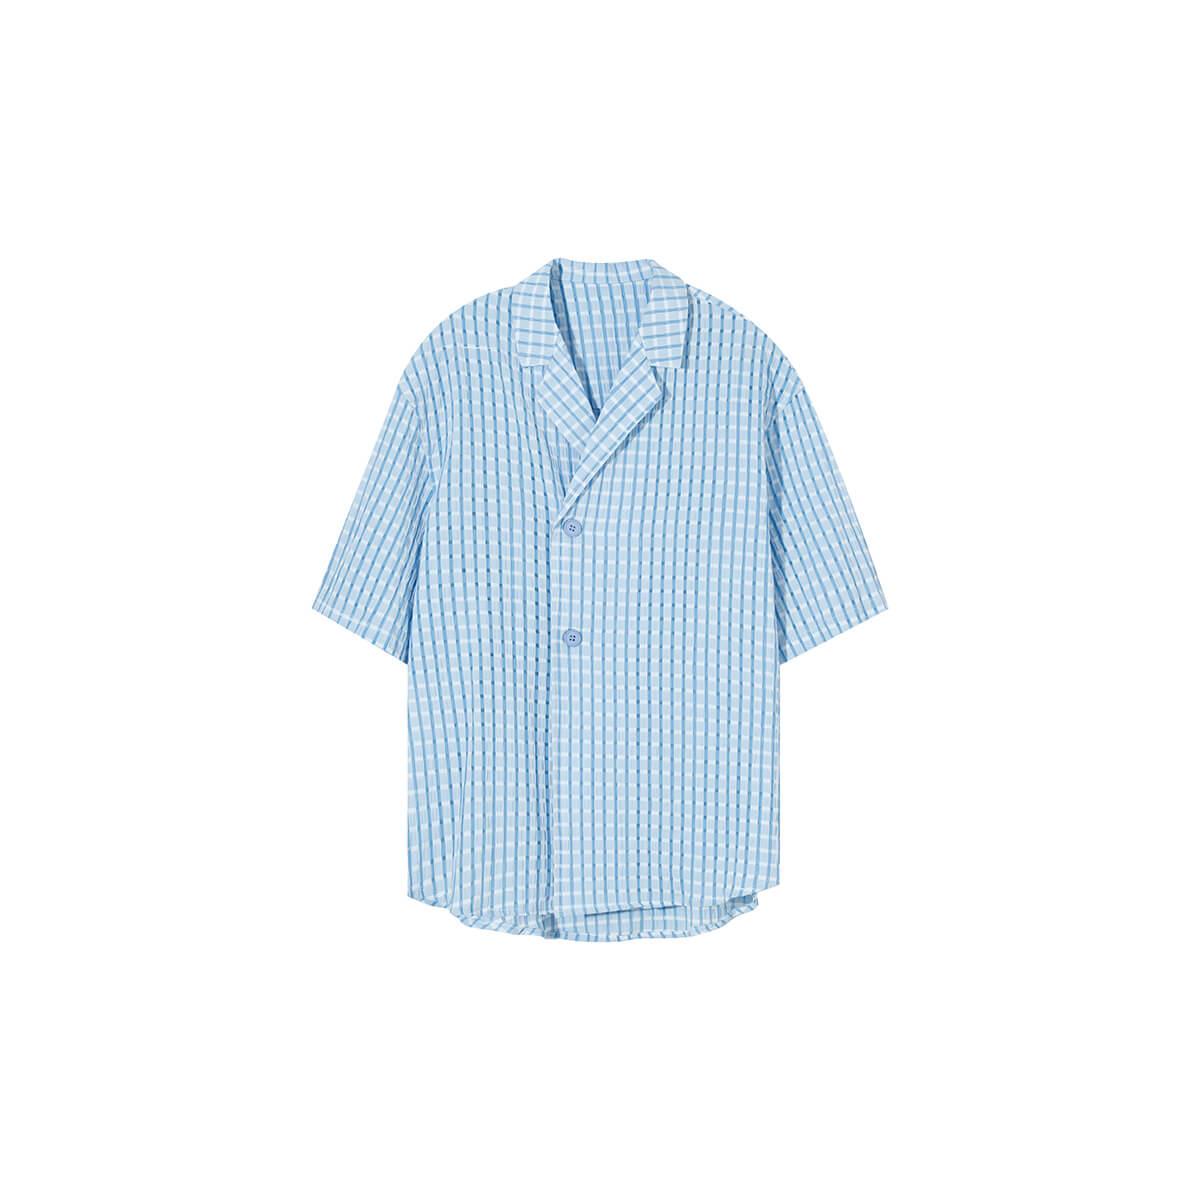 Рубашка Cui Layout Studio Lightweight Shirt Lattice Texture Light Blue